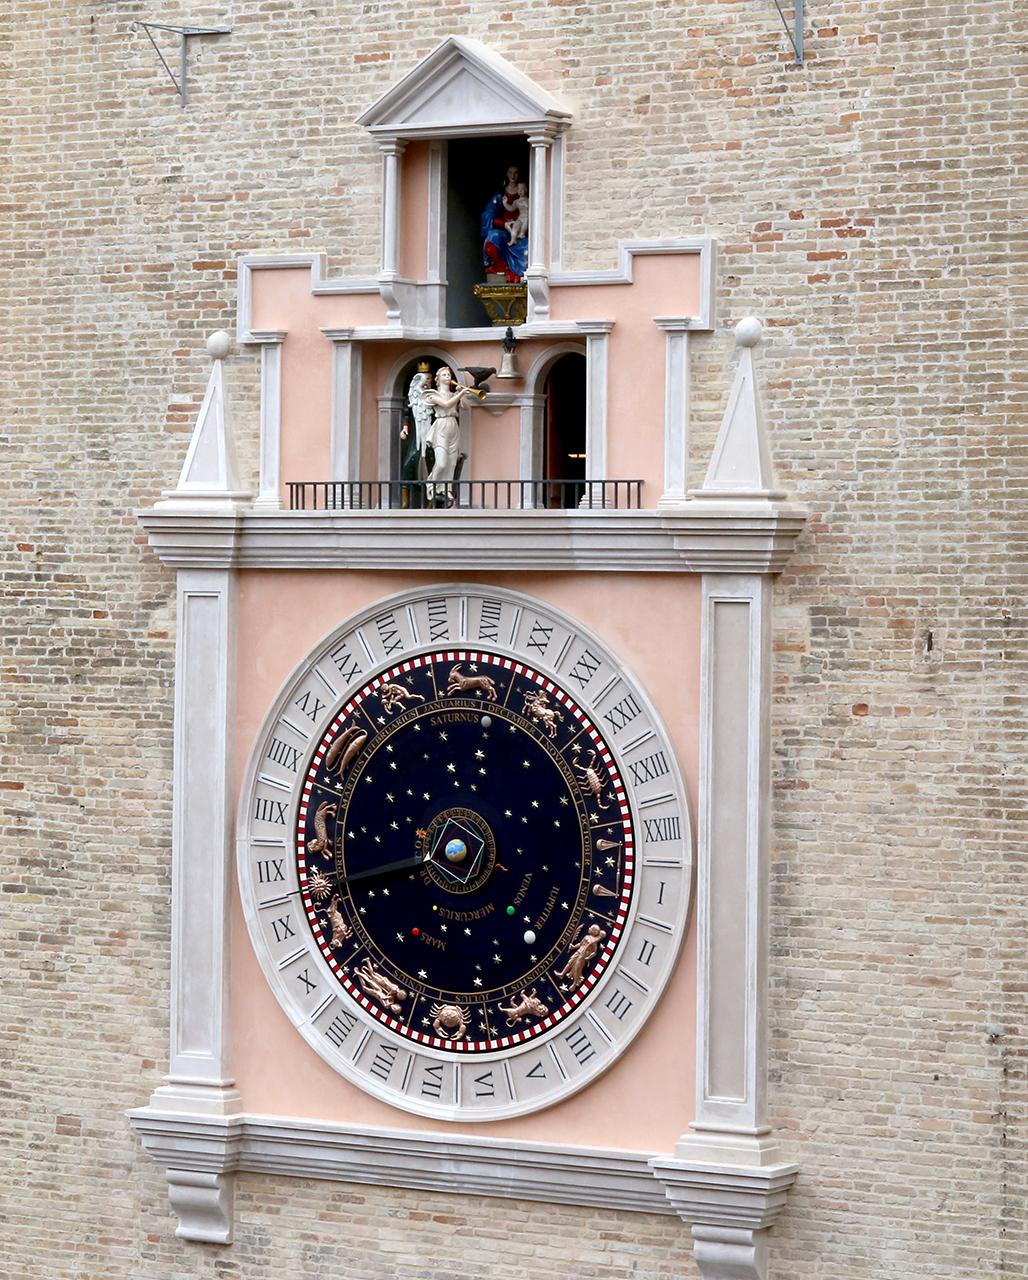 Inaugurazione orologio planetario Macerata_Foto LB (13)